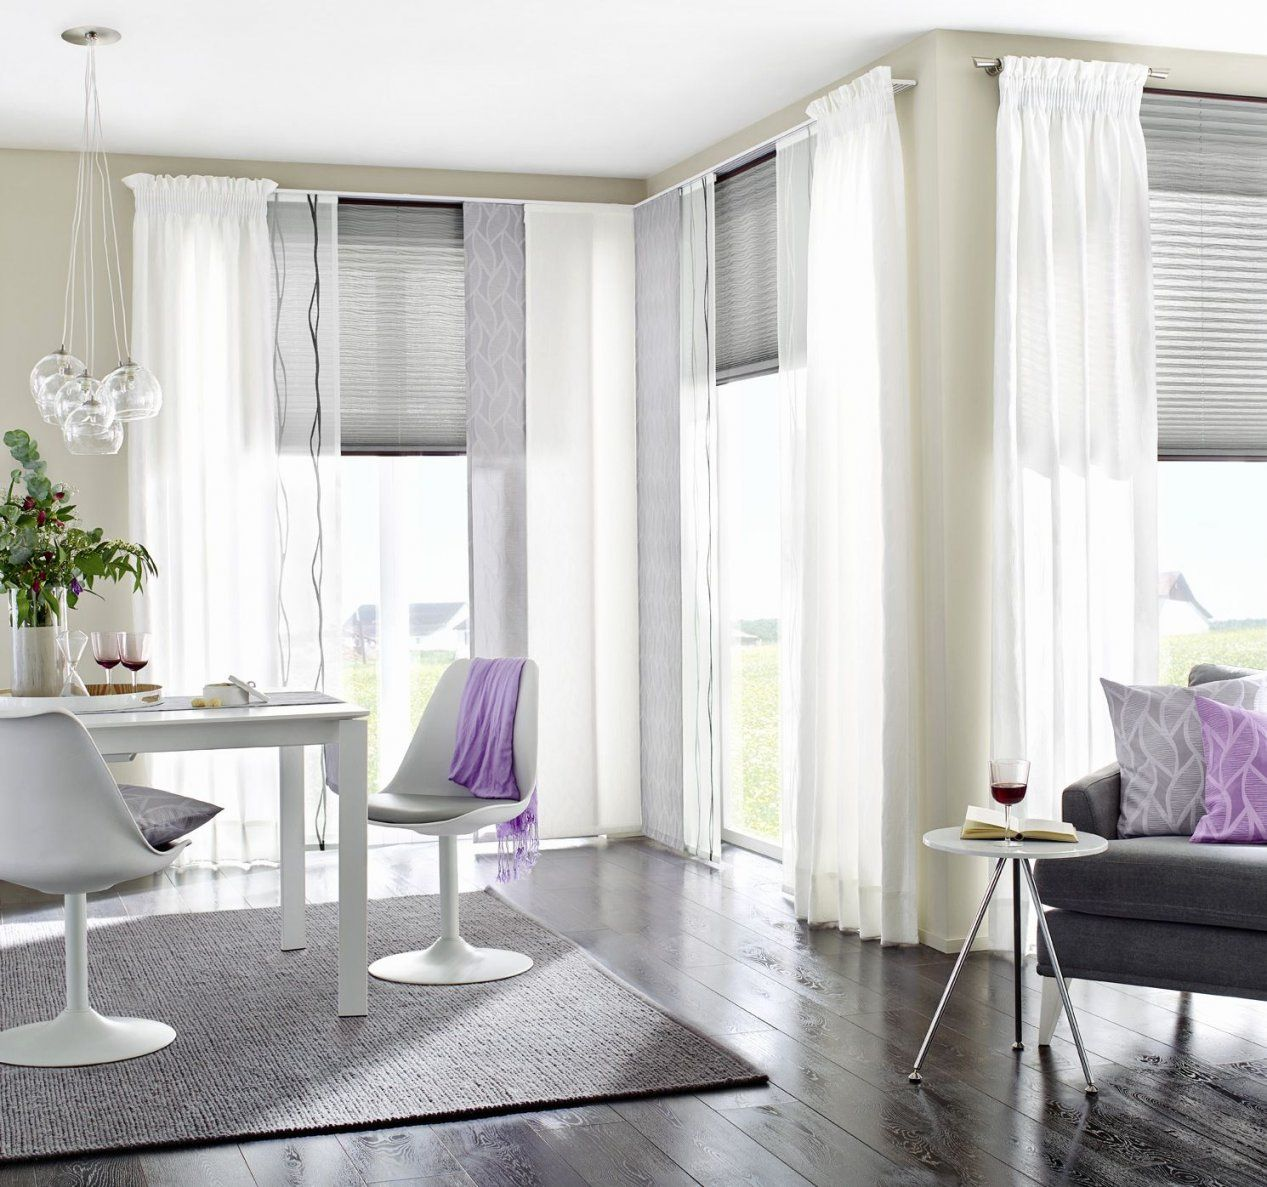 Gardinen Wohnzimmer Trend Einzigartig 36 Besten Vorhang Ideen von Gardinen Wohnzimmer Trend Bild